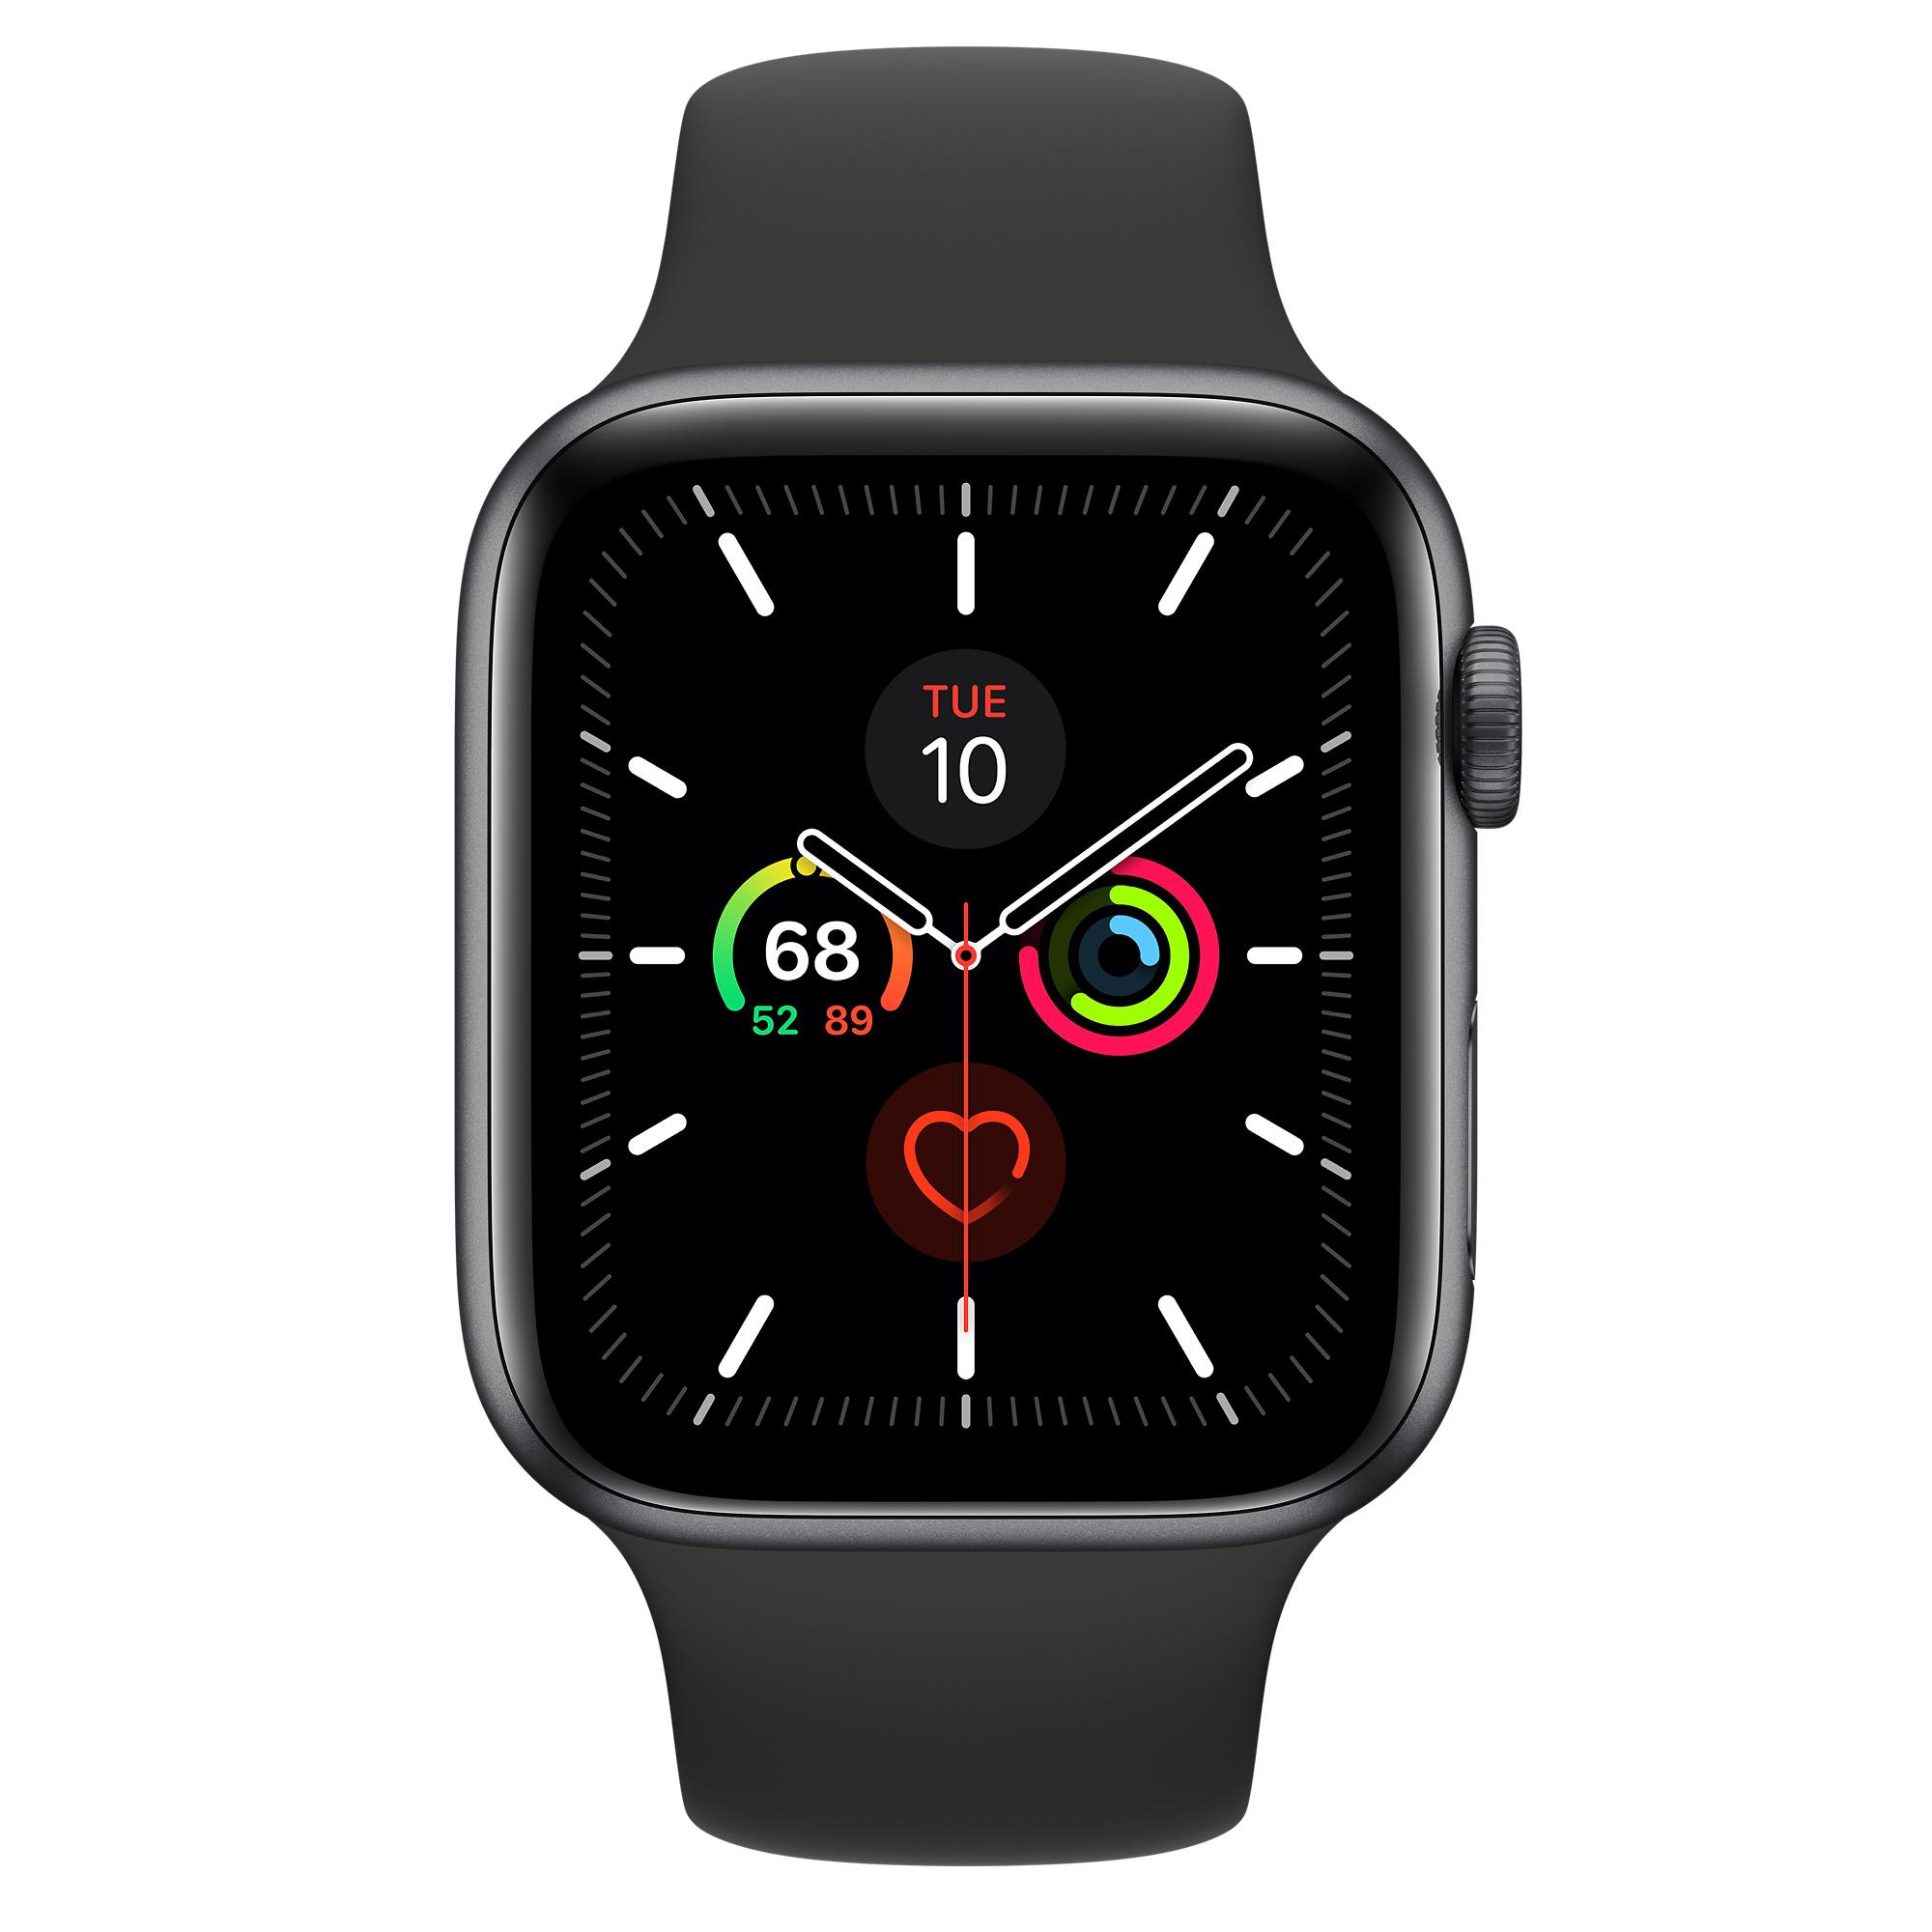 Apple Watch Series 5(GPSモデル)- 44mmスペースグレイアルミニウムケースとブラックスポーツバンド [整備済製品] -  Apple(日本)